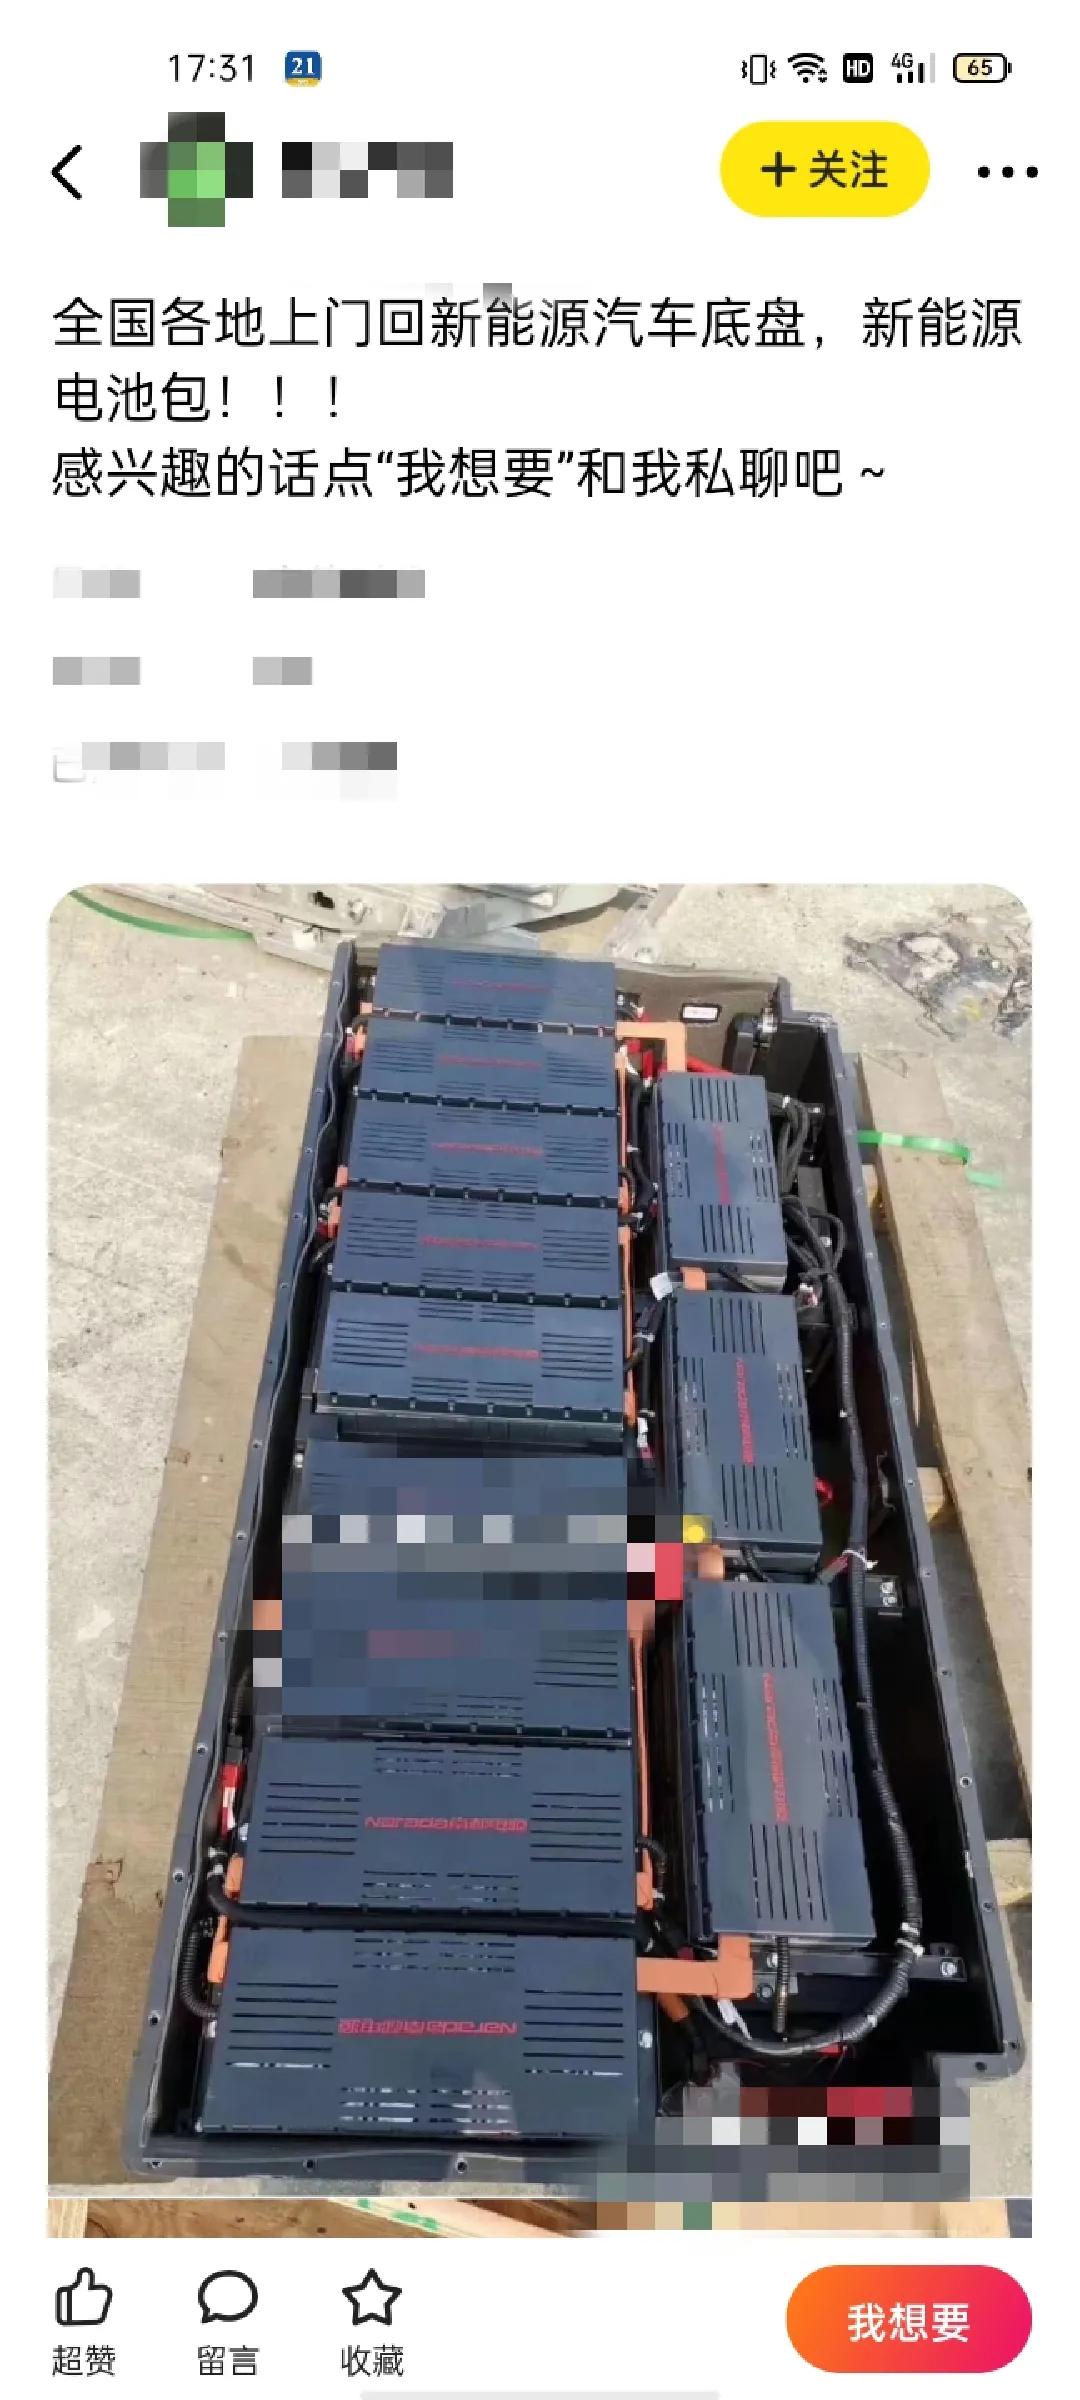 废旧动力电池回收价每吨万元,近八成流入黑市